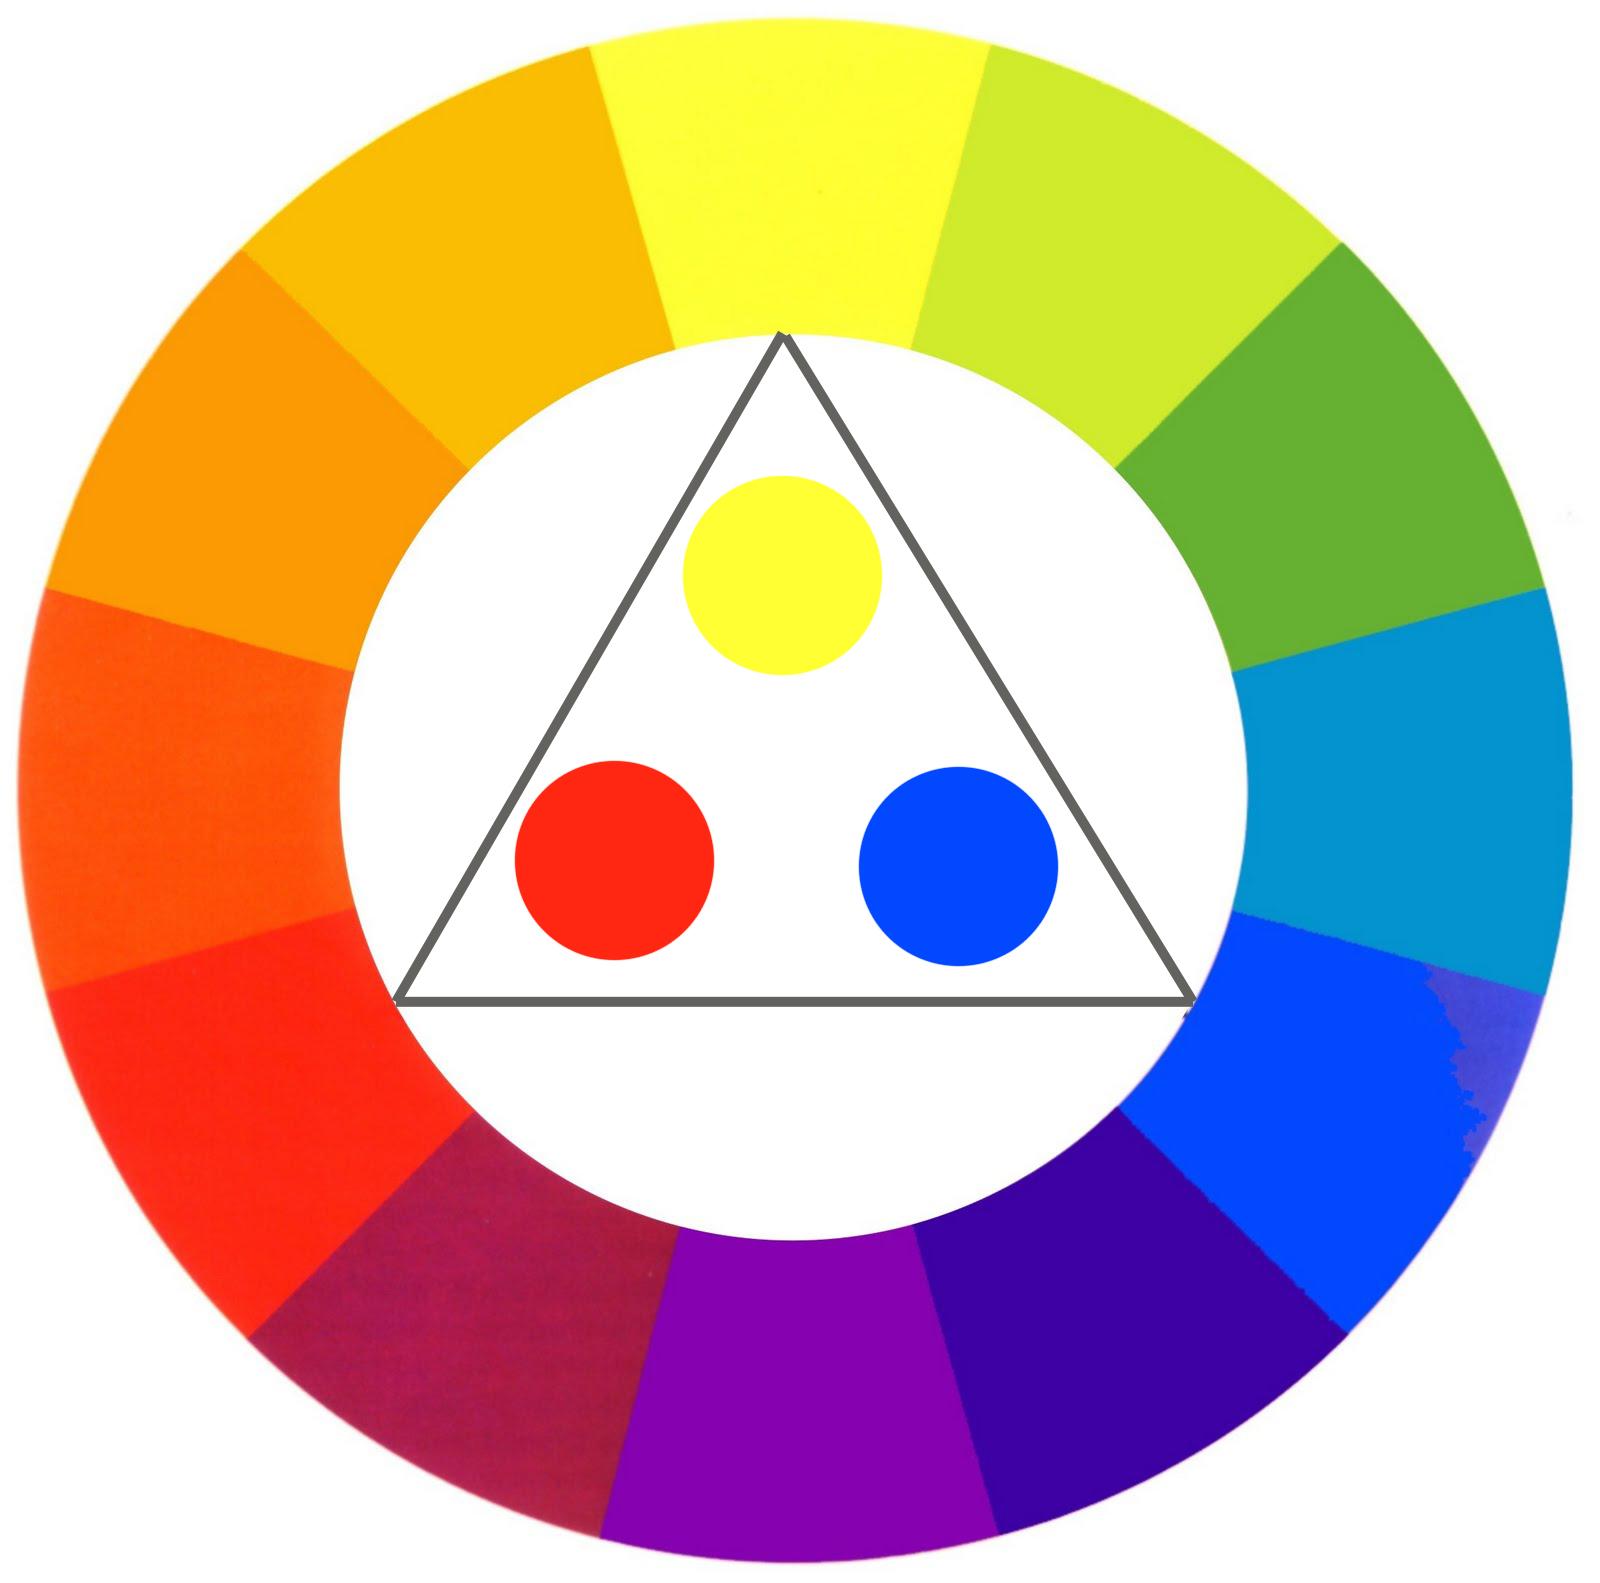 Bit cora de belleza combinar los colores - Colores para combinar ...